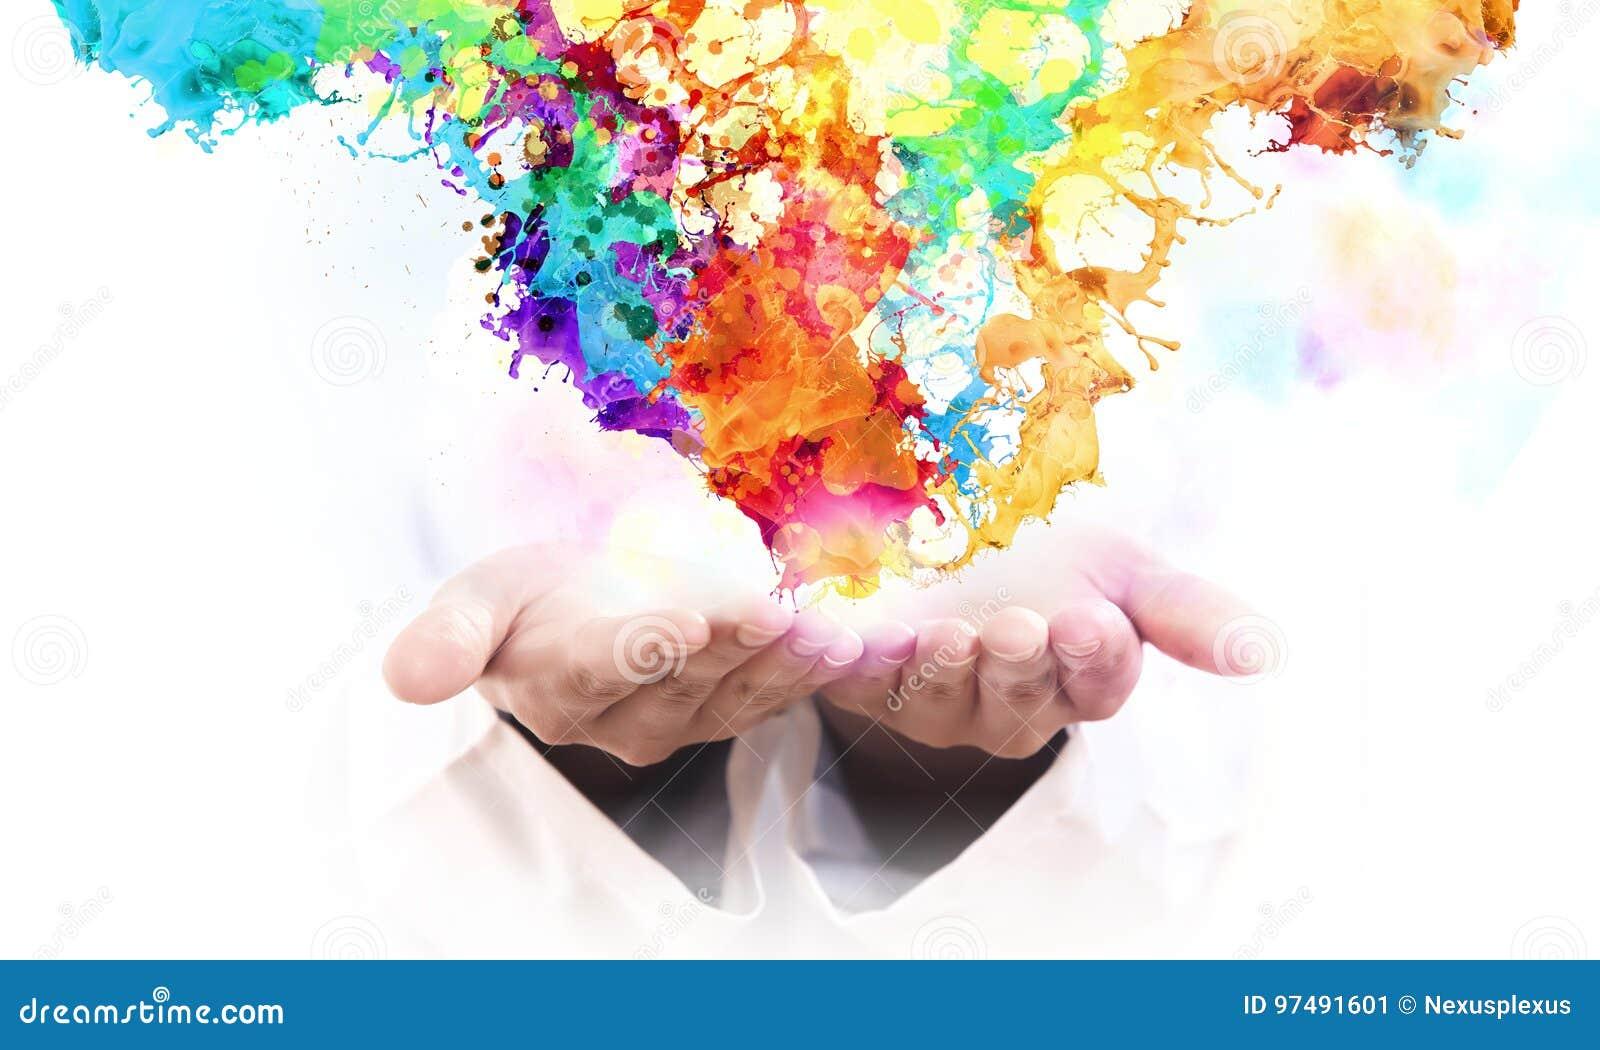 Più colori alla vostra vita